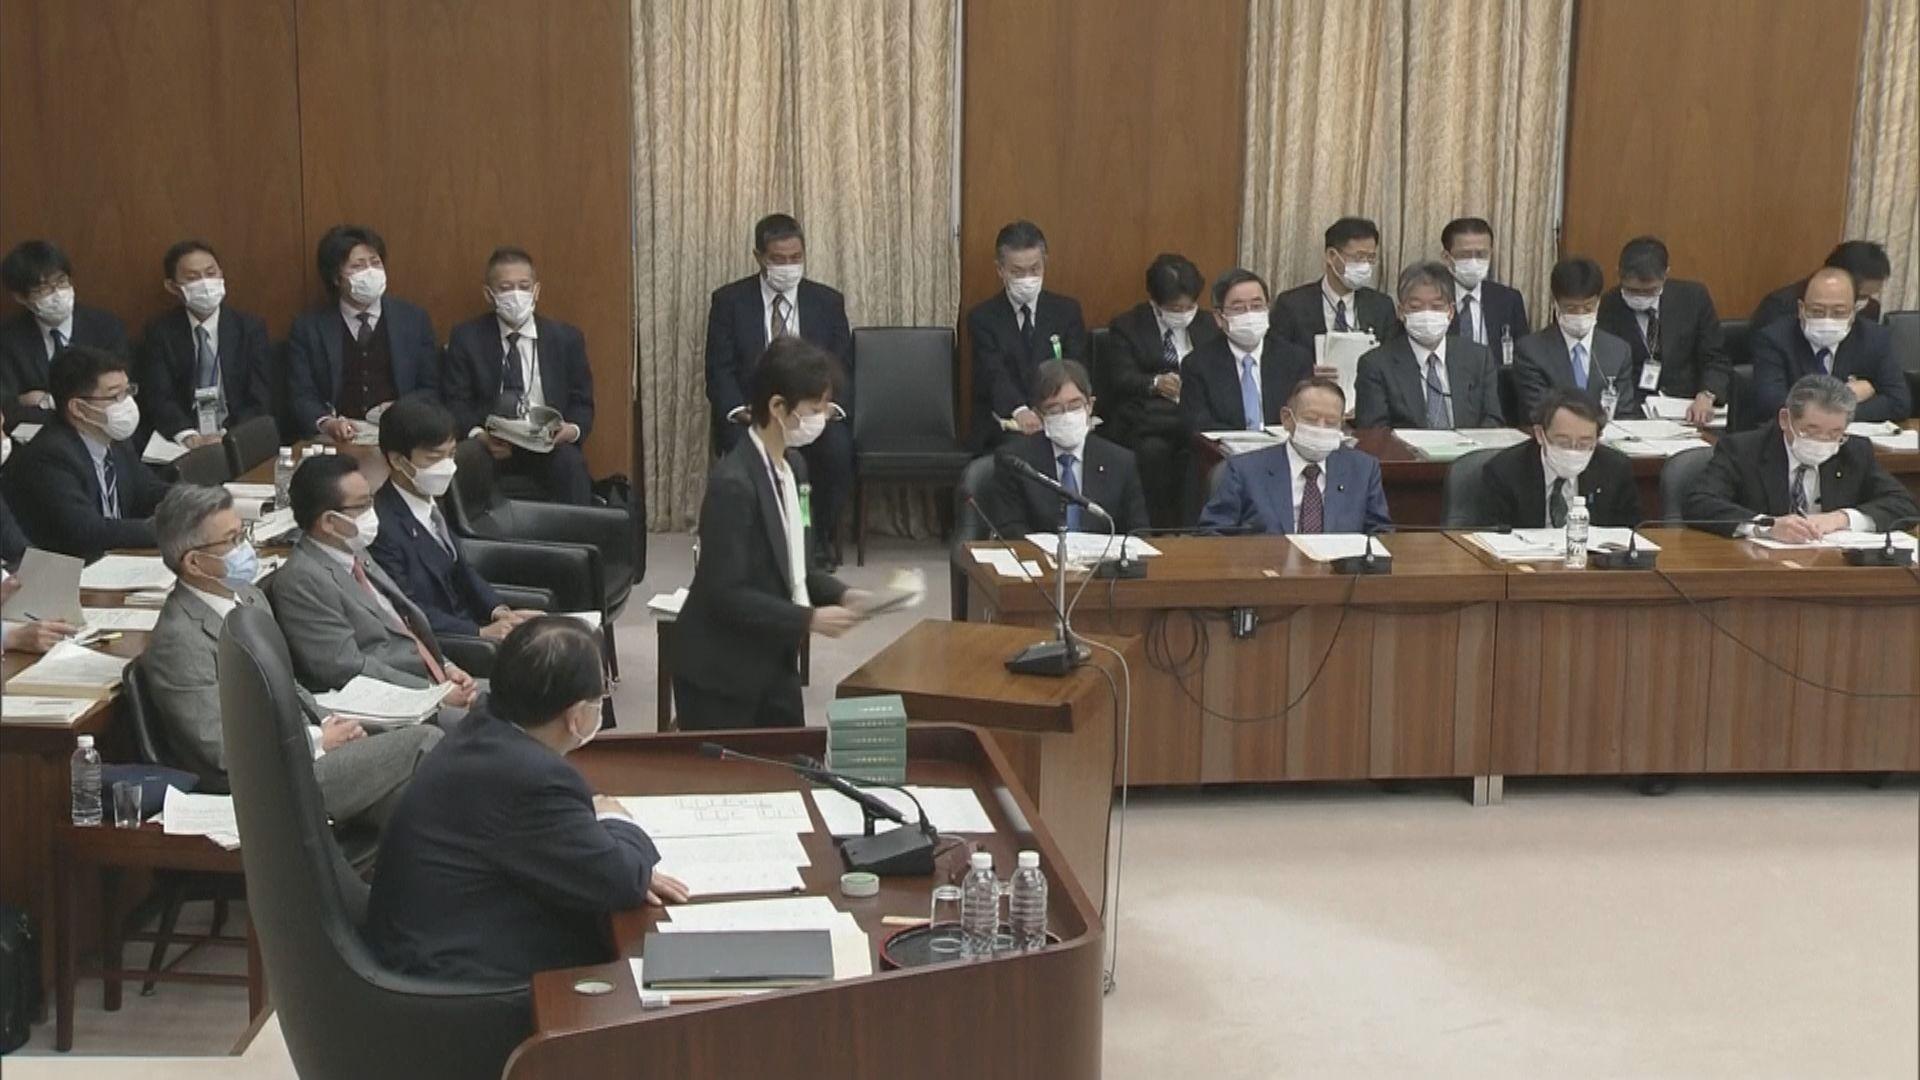 曾捲入飯局醜聞 日內閣廣報官山田真貴子請辭獲批准